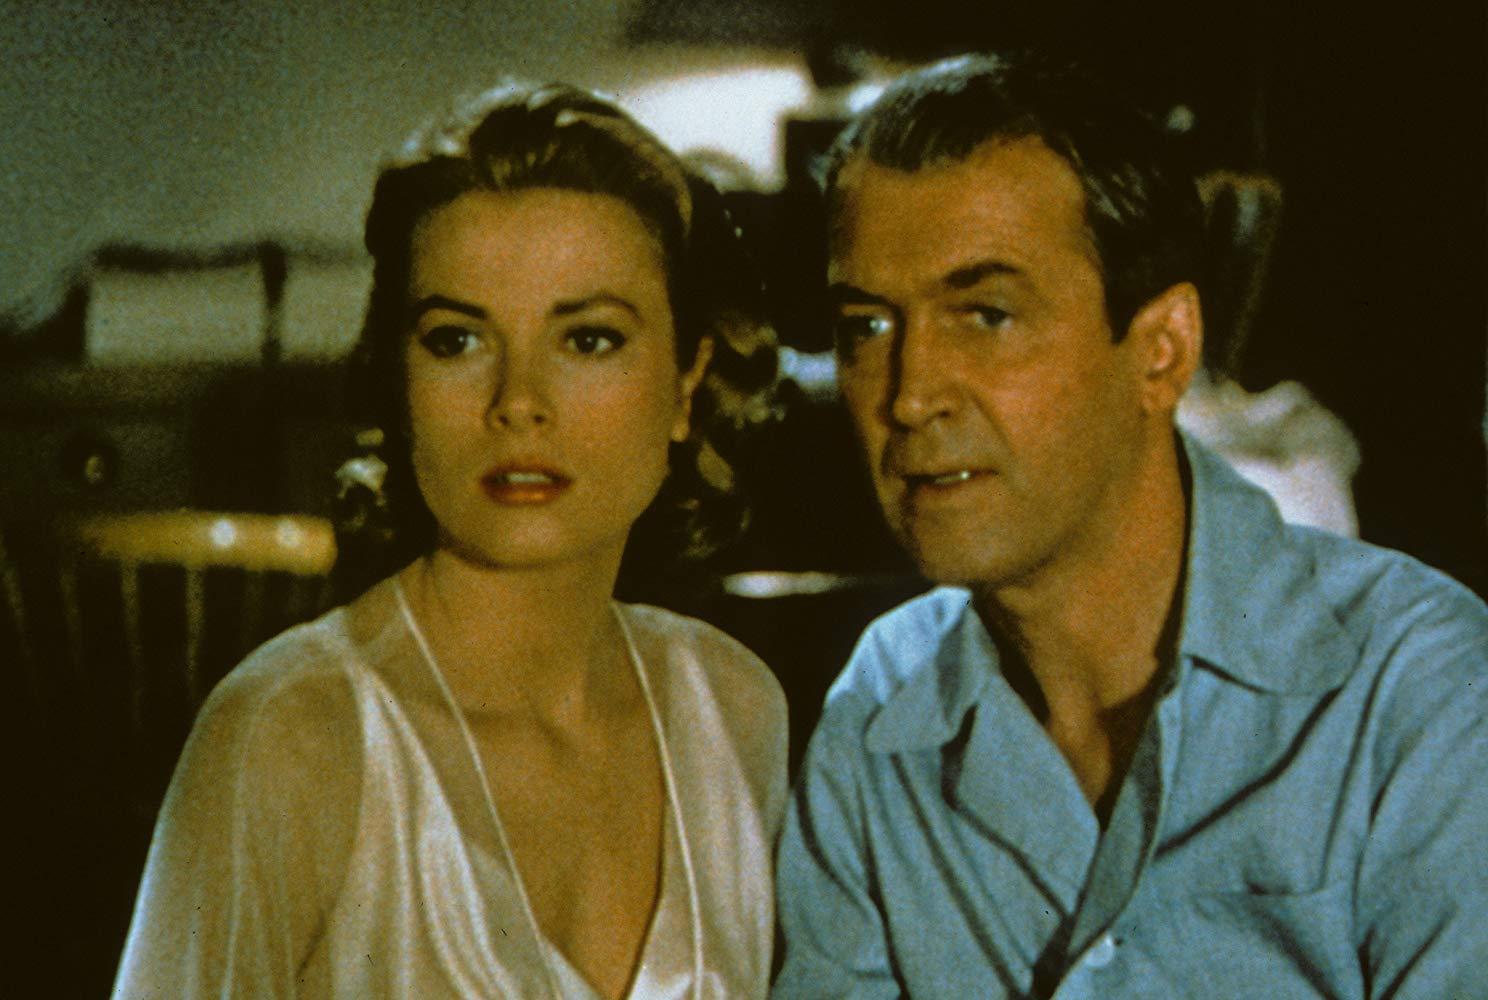 """Bohater filmu """"Okno na podwórze"""" Alfreda Hitchcocka obserwuje ze swojego mieszkania:"""